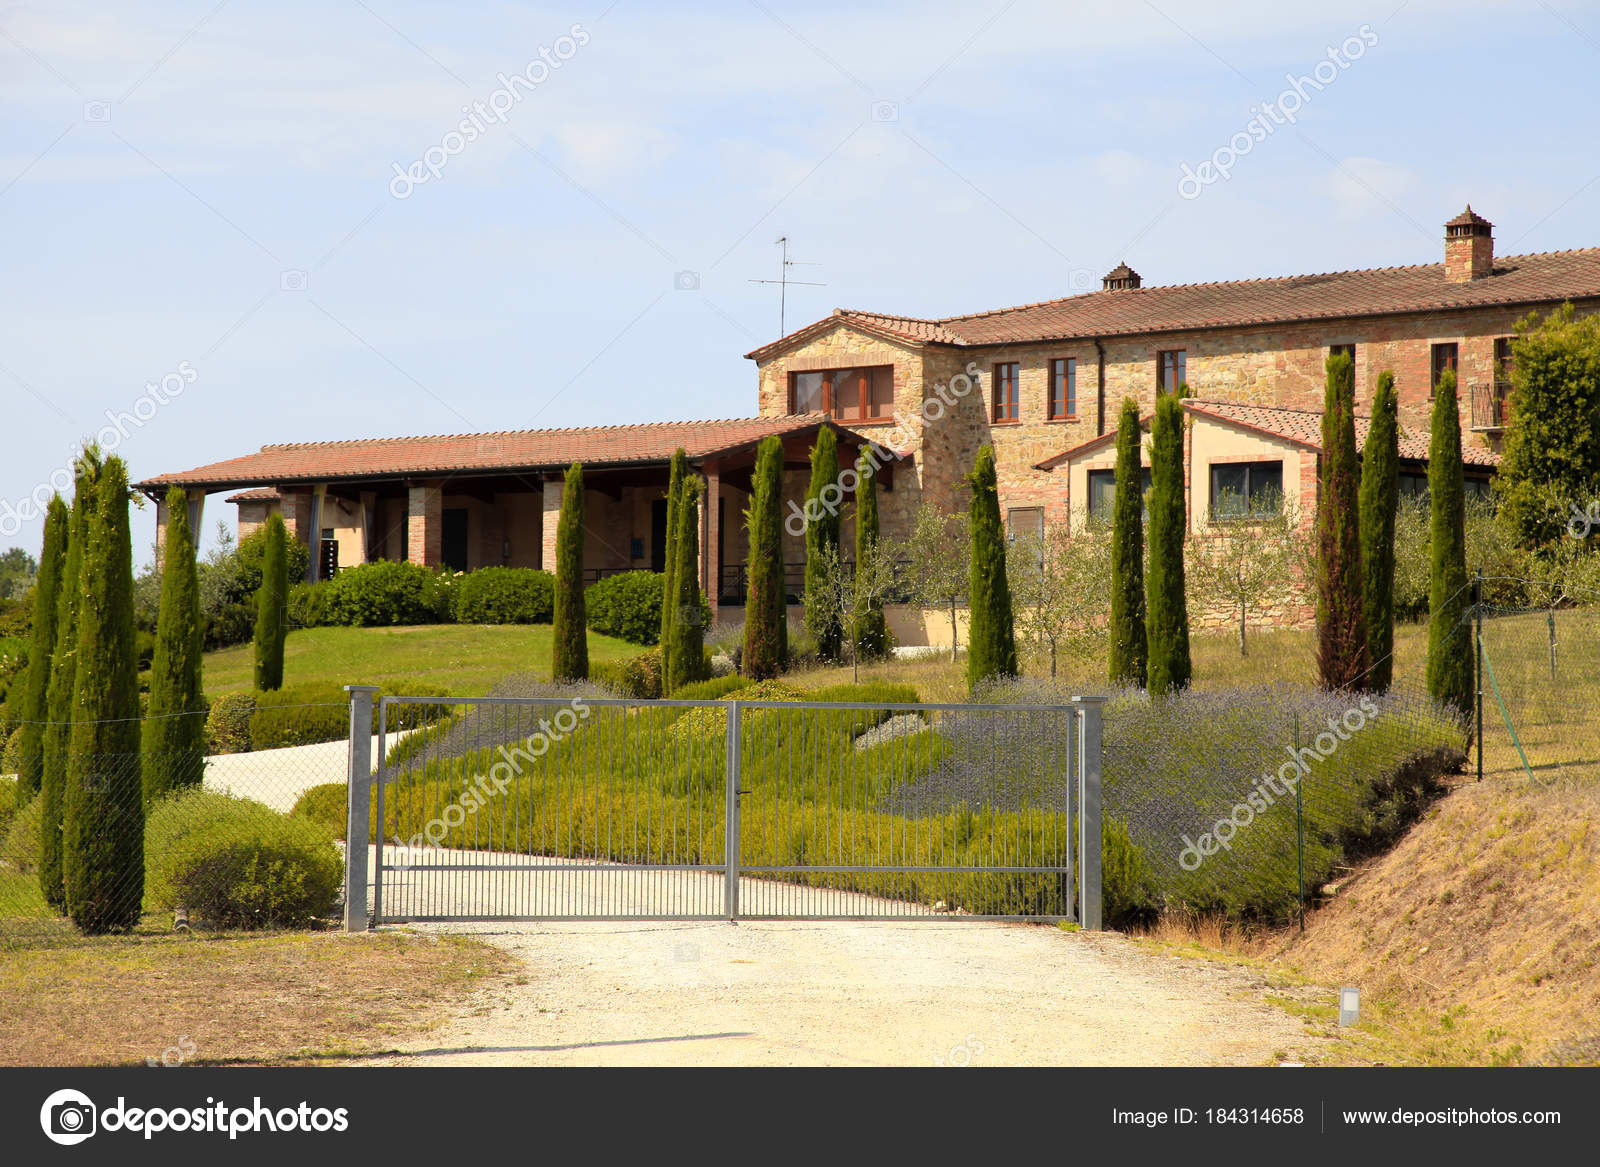 Unglaublich Conhouse Das Beste Von Típico Paisaje Rural De Toscana Con E,